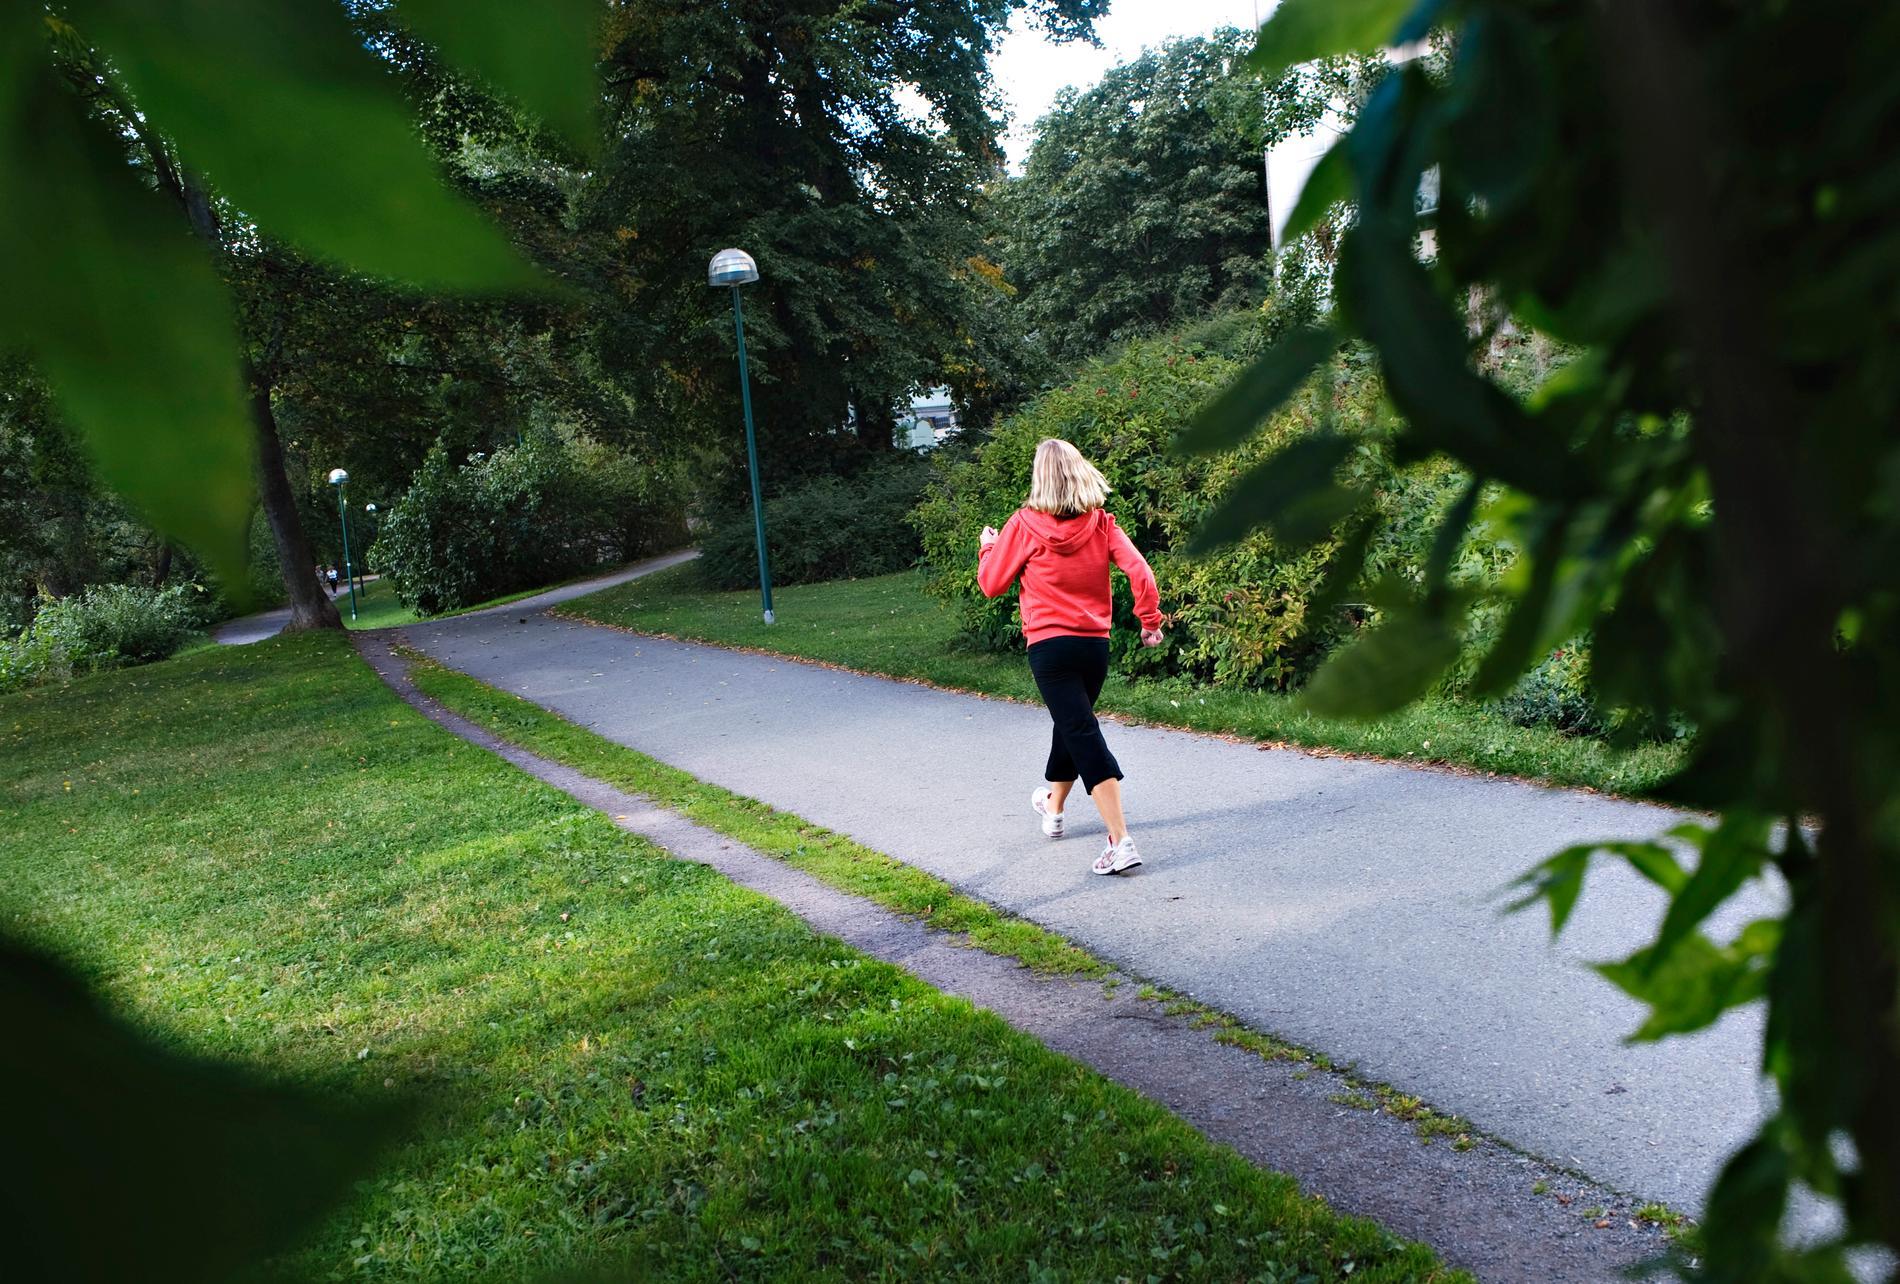 Vårväder och social isolering gör att en promenad är lämplig.